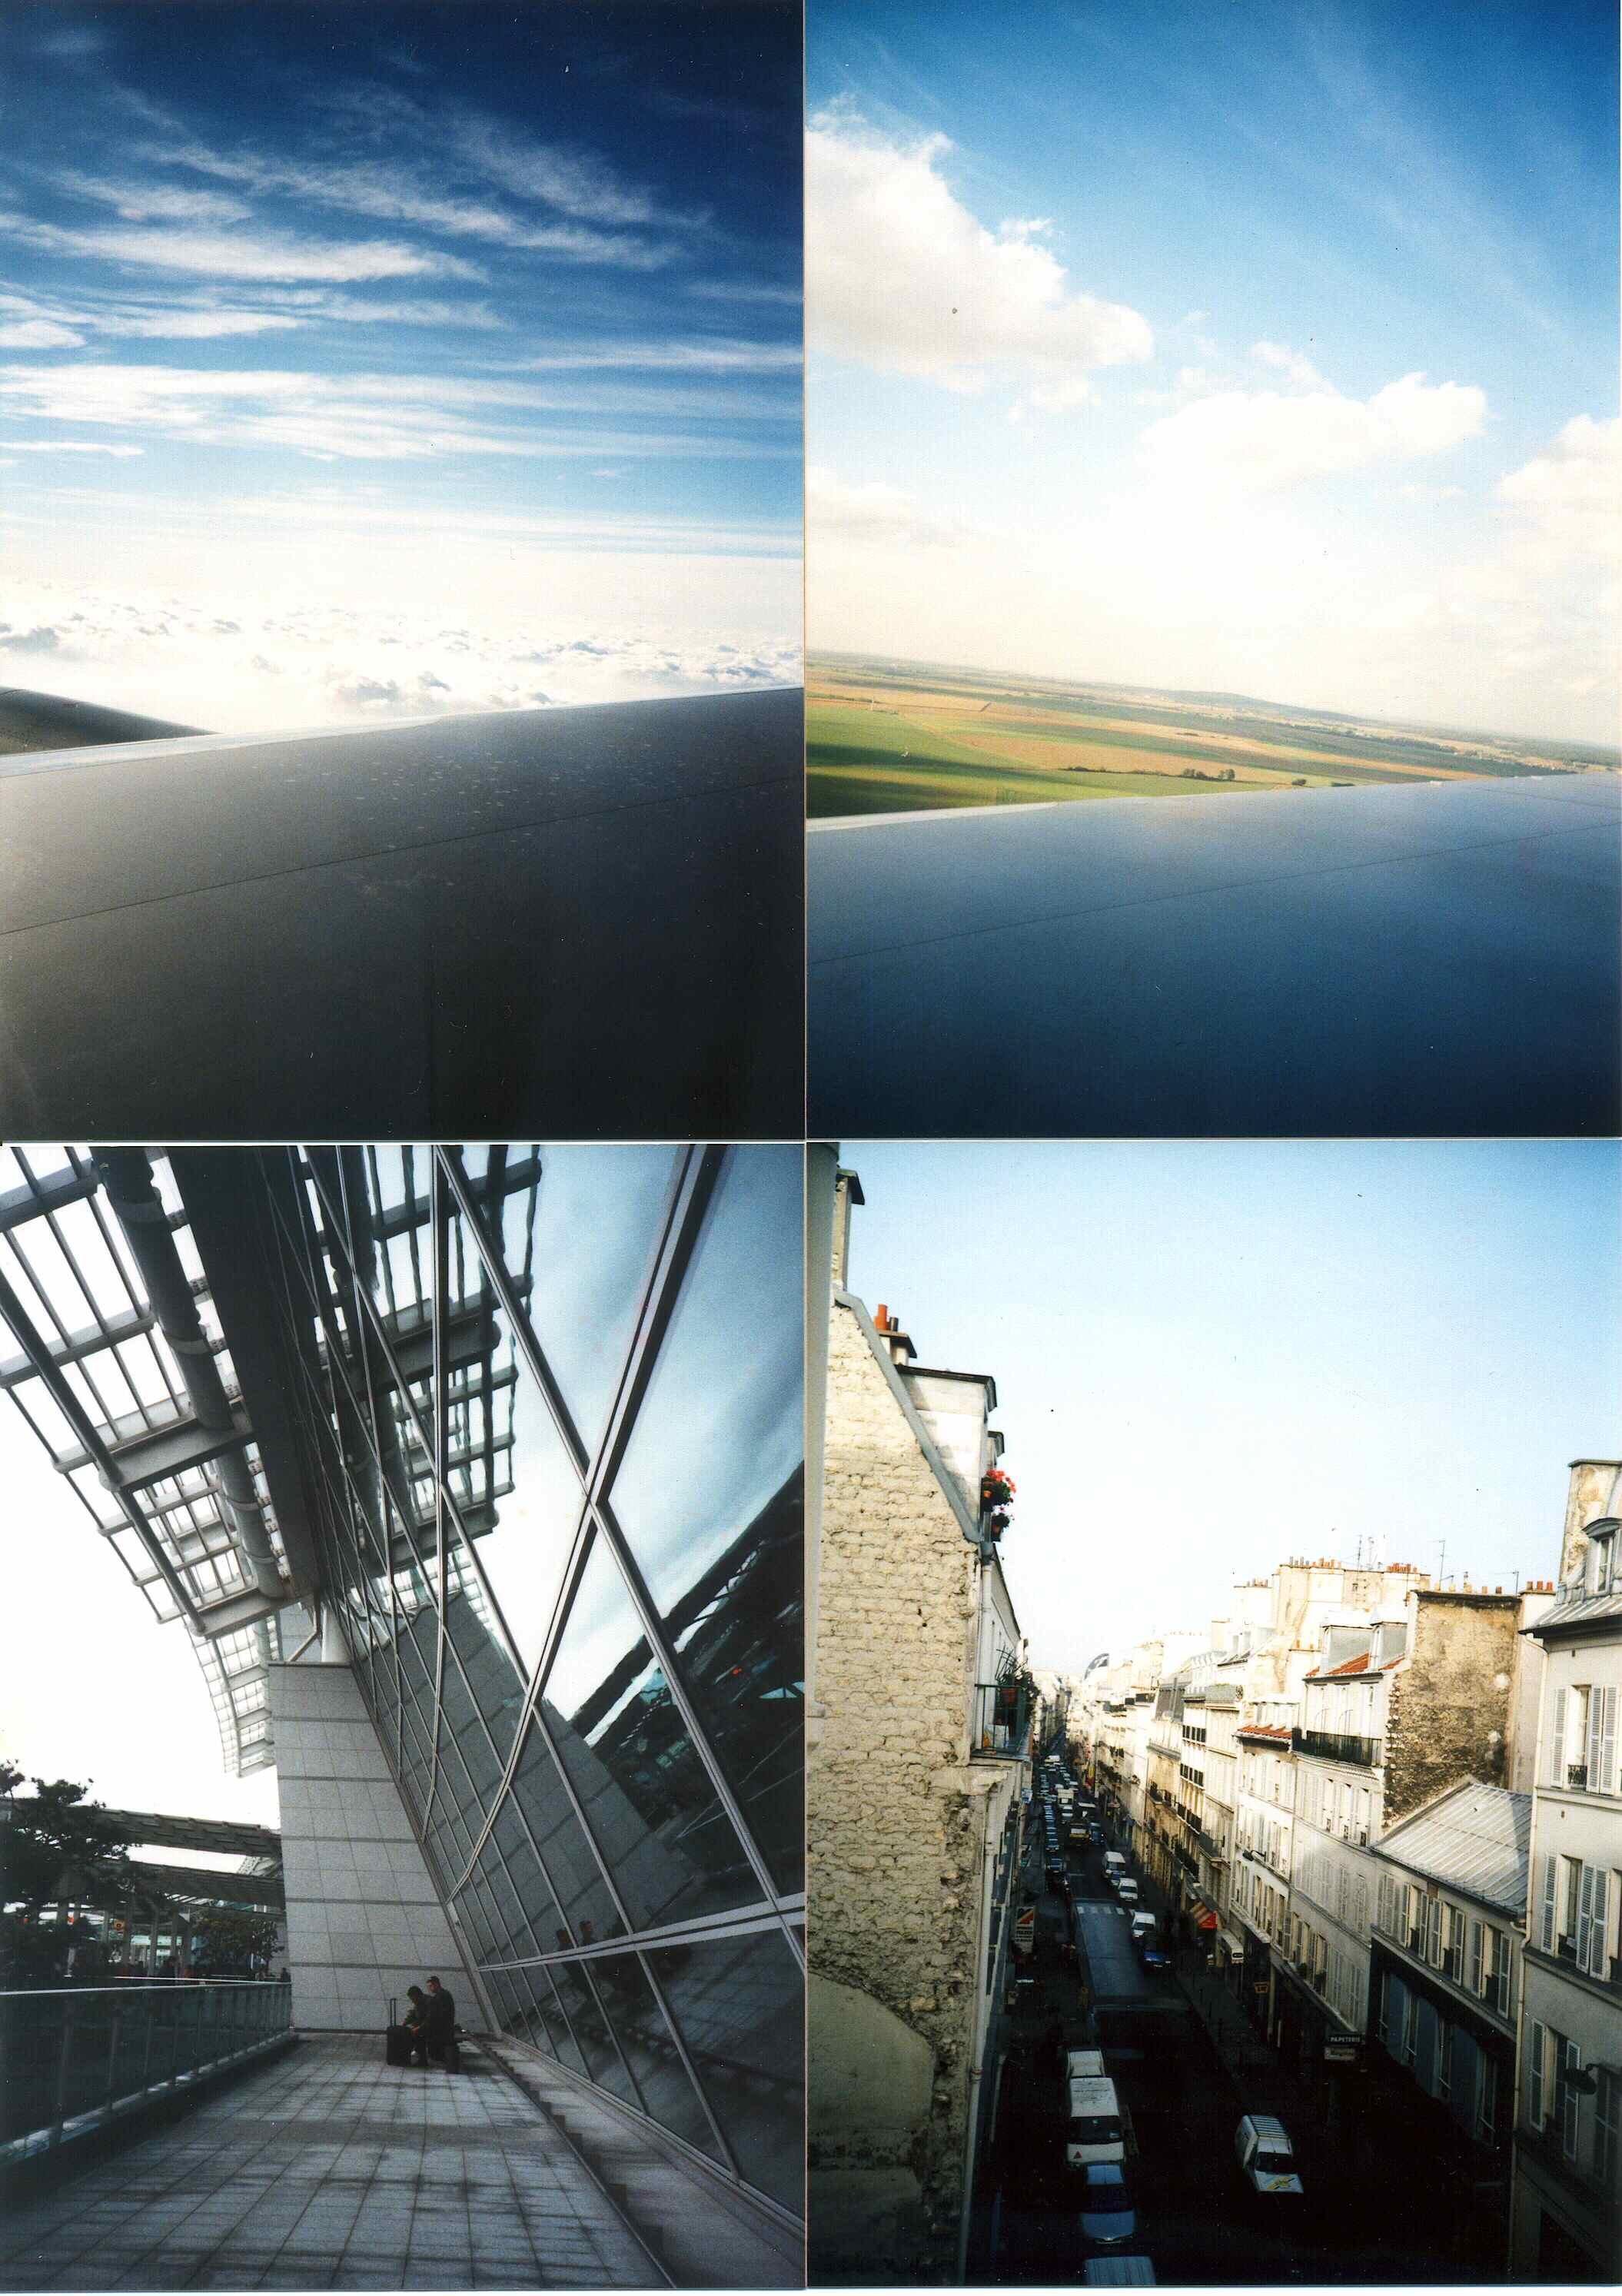 2001년 프랑스 파리와 김포공항 그리고, 하늘